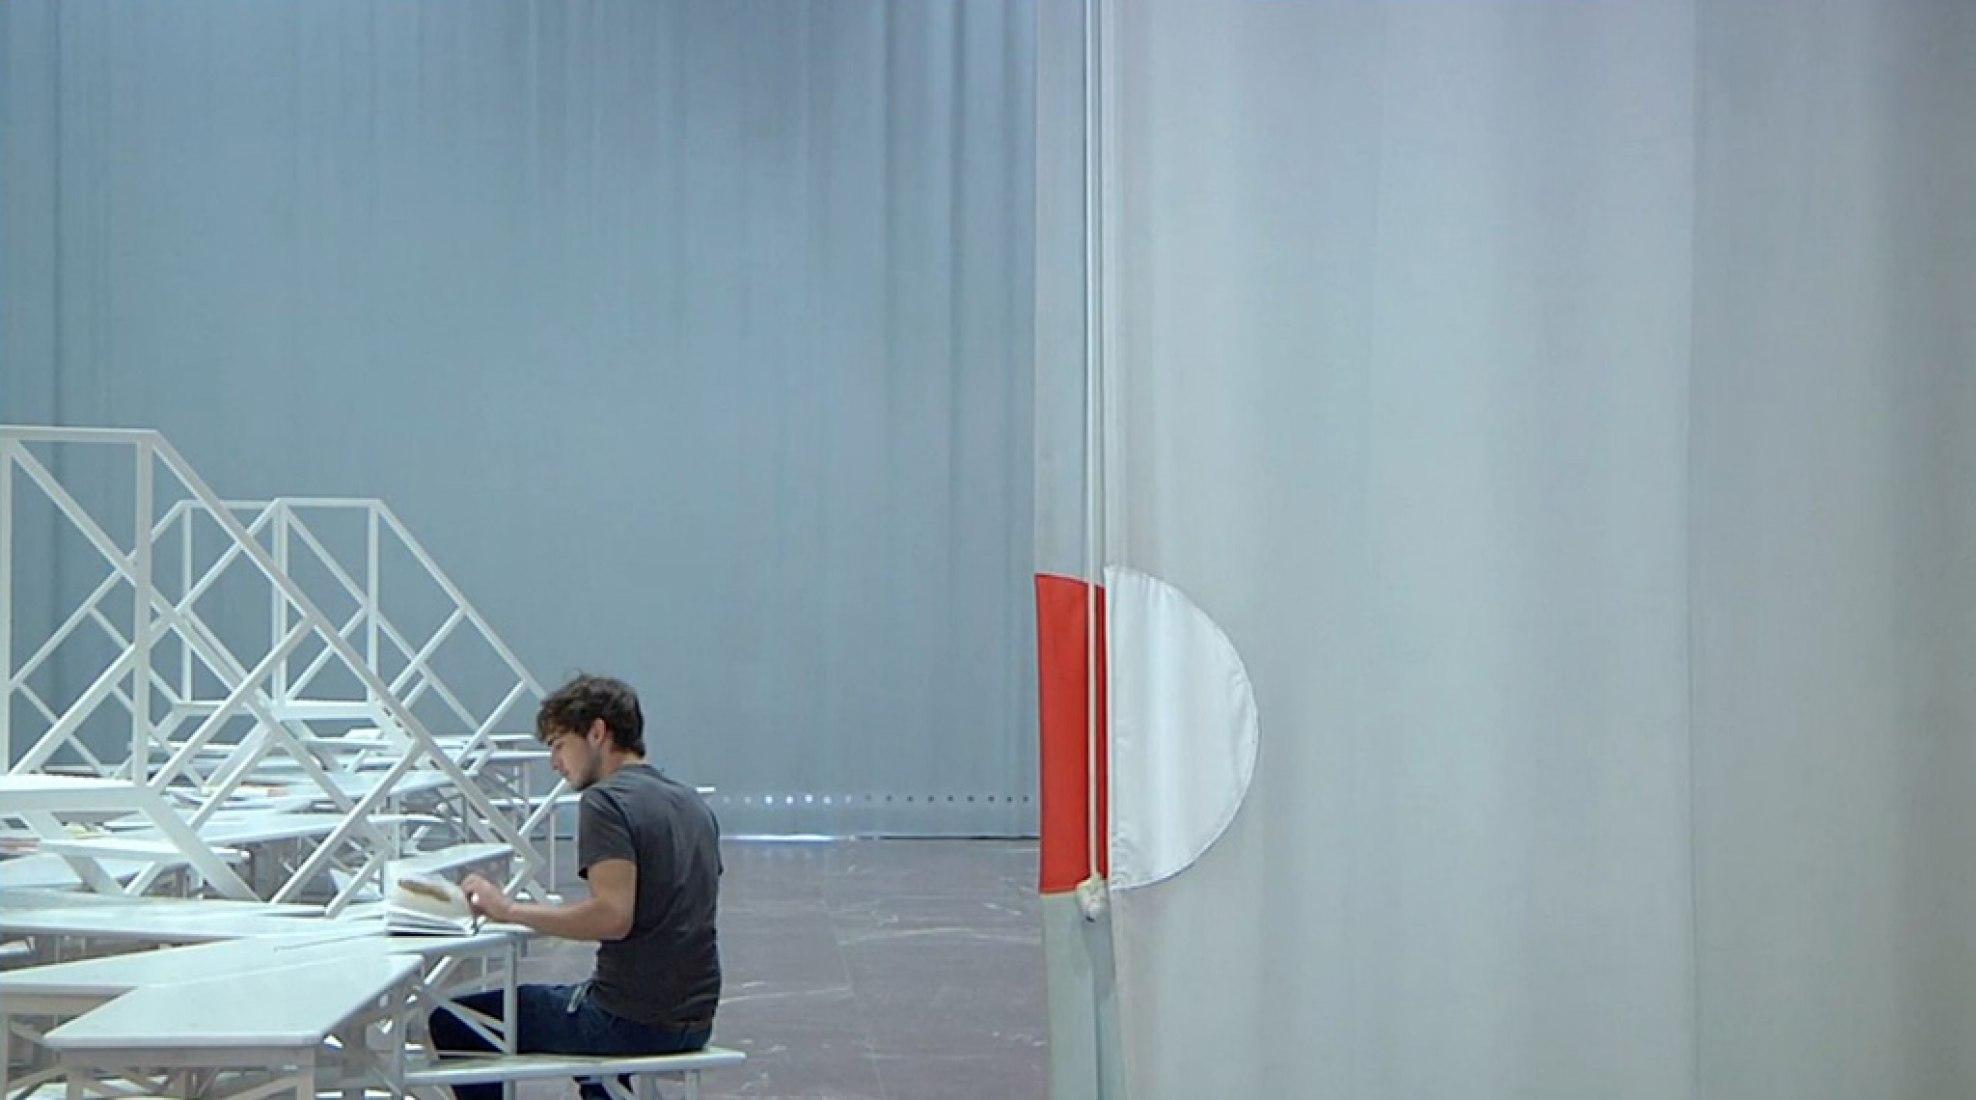 Haus der Kunst, Munich, 2007. Corte de vídeo.